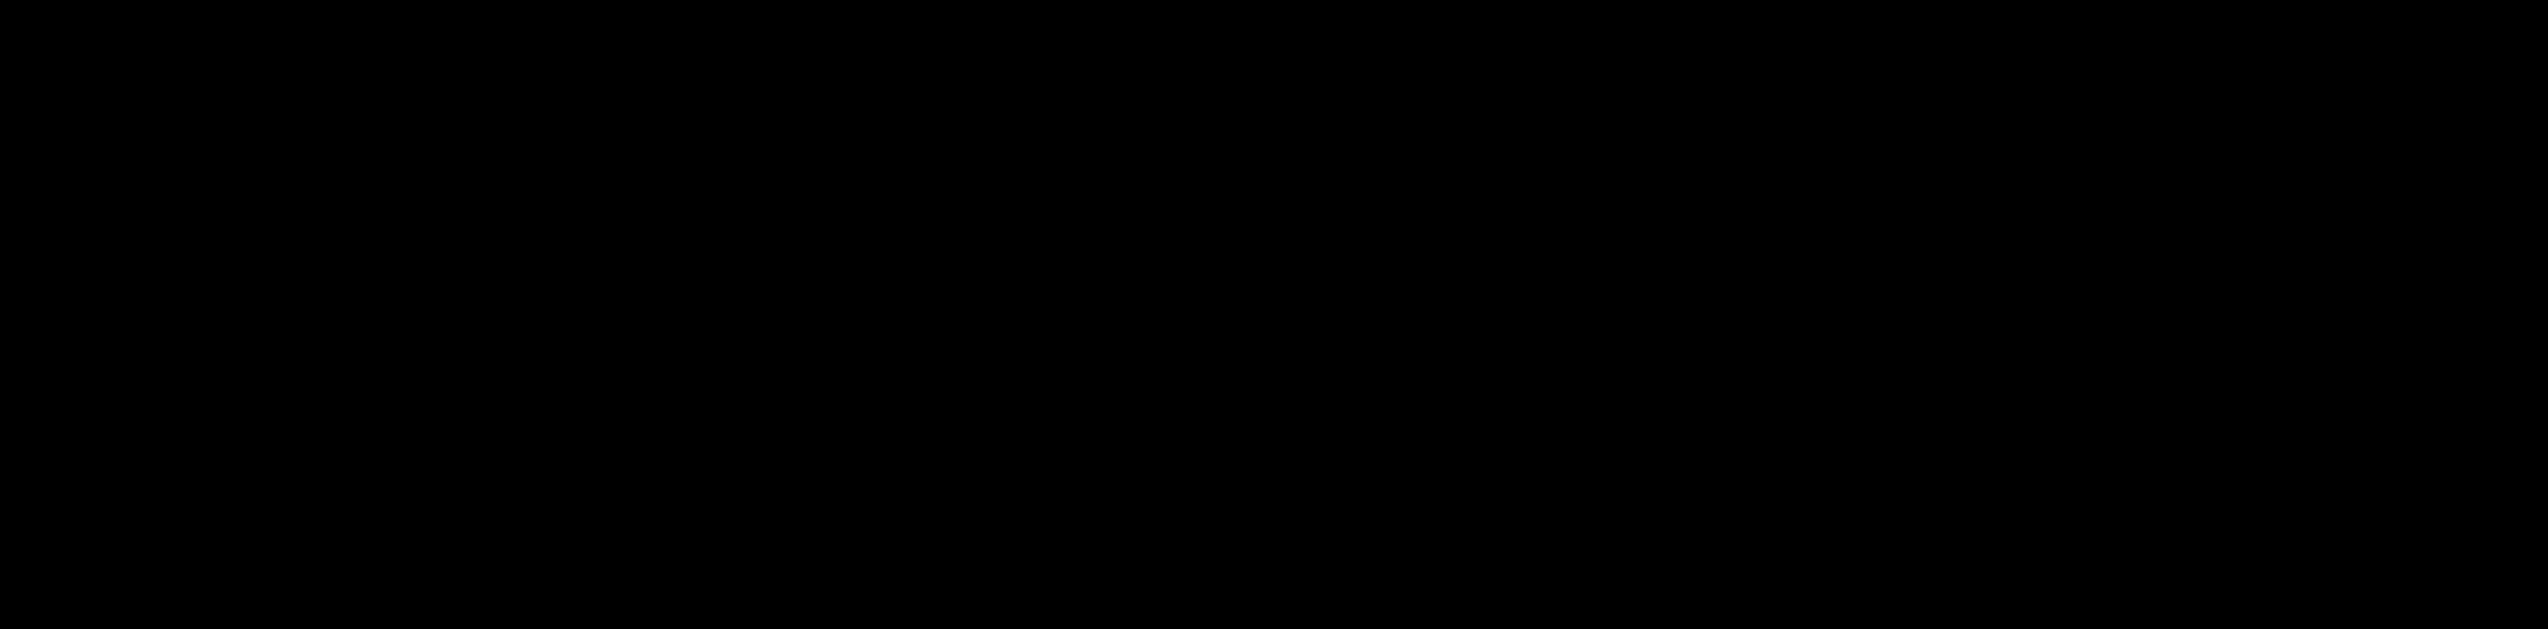 cali cobb desc-06